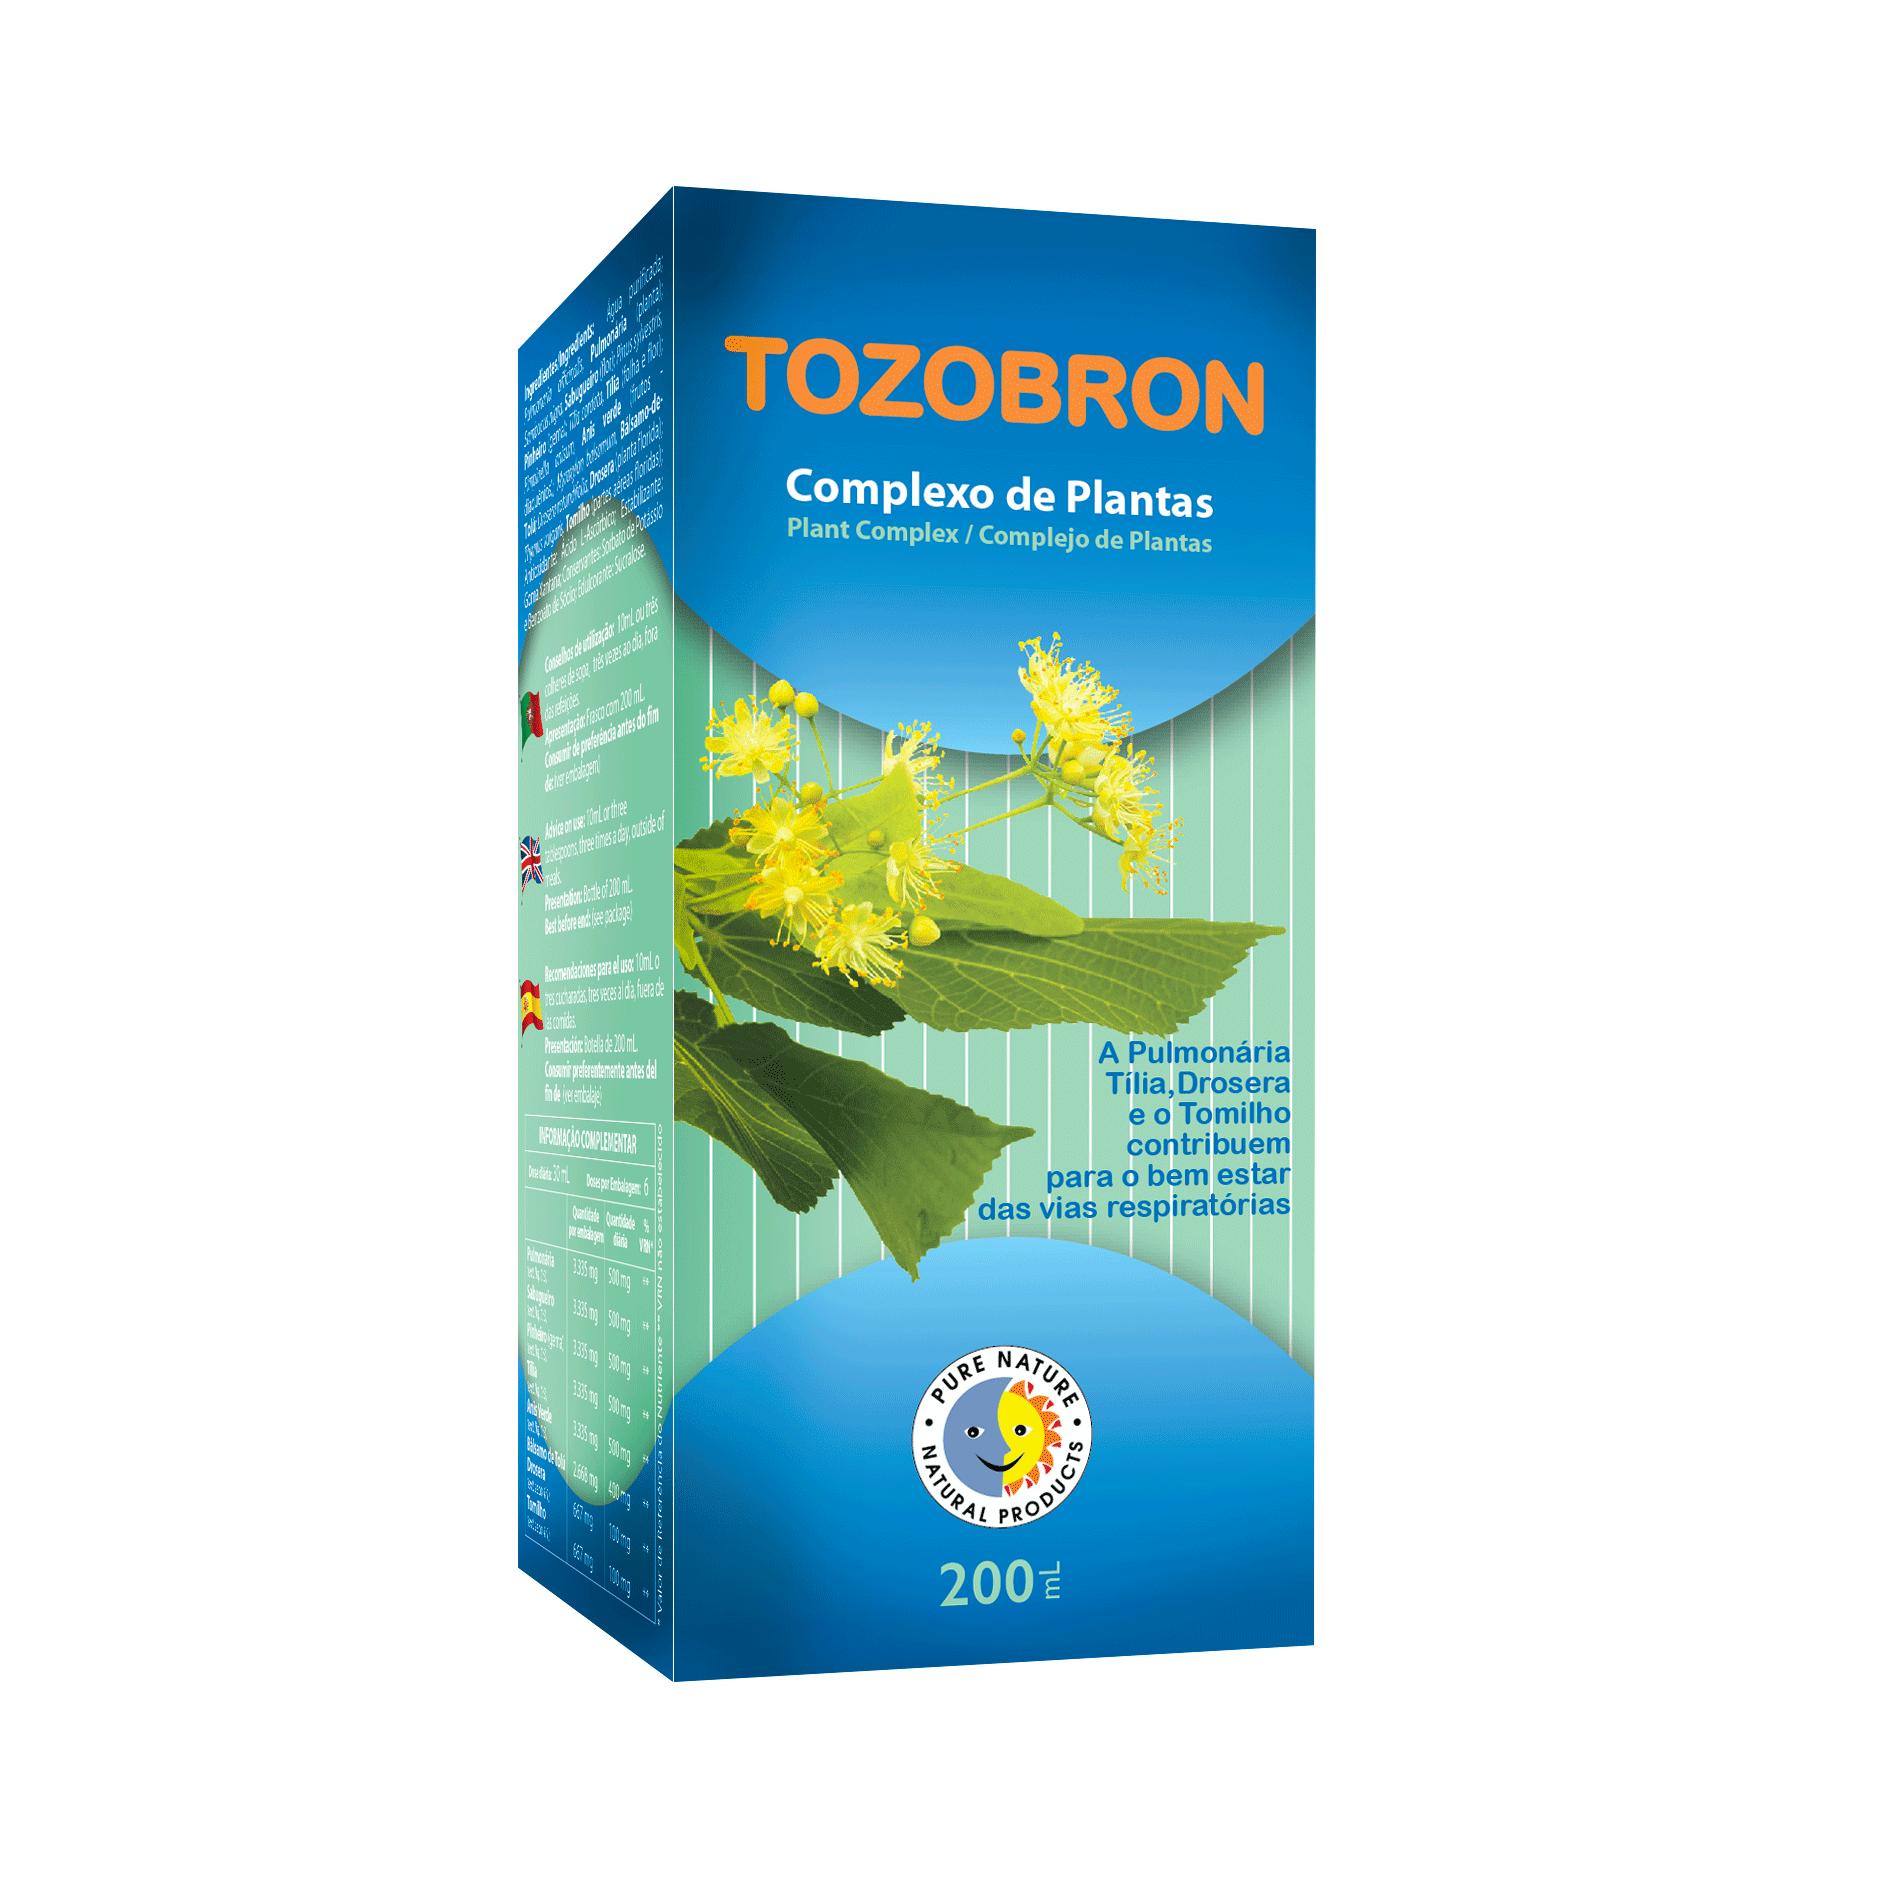 Tozobron